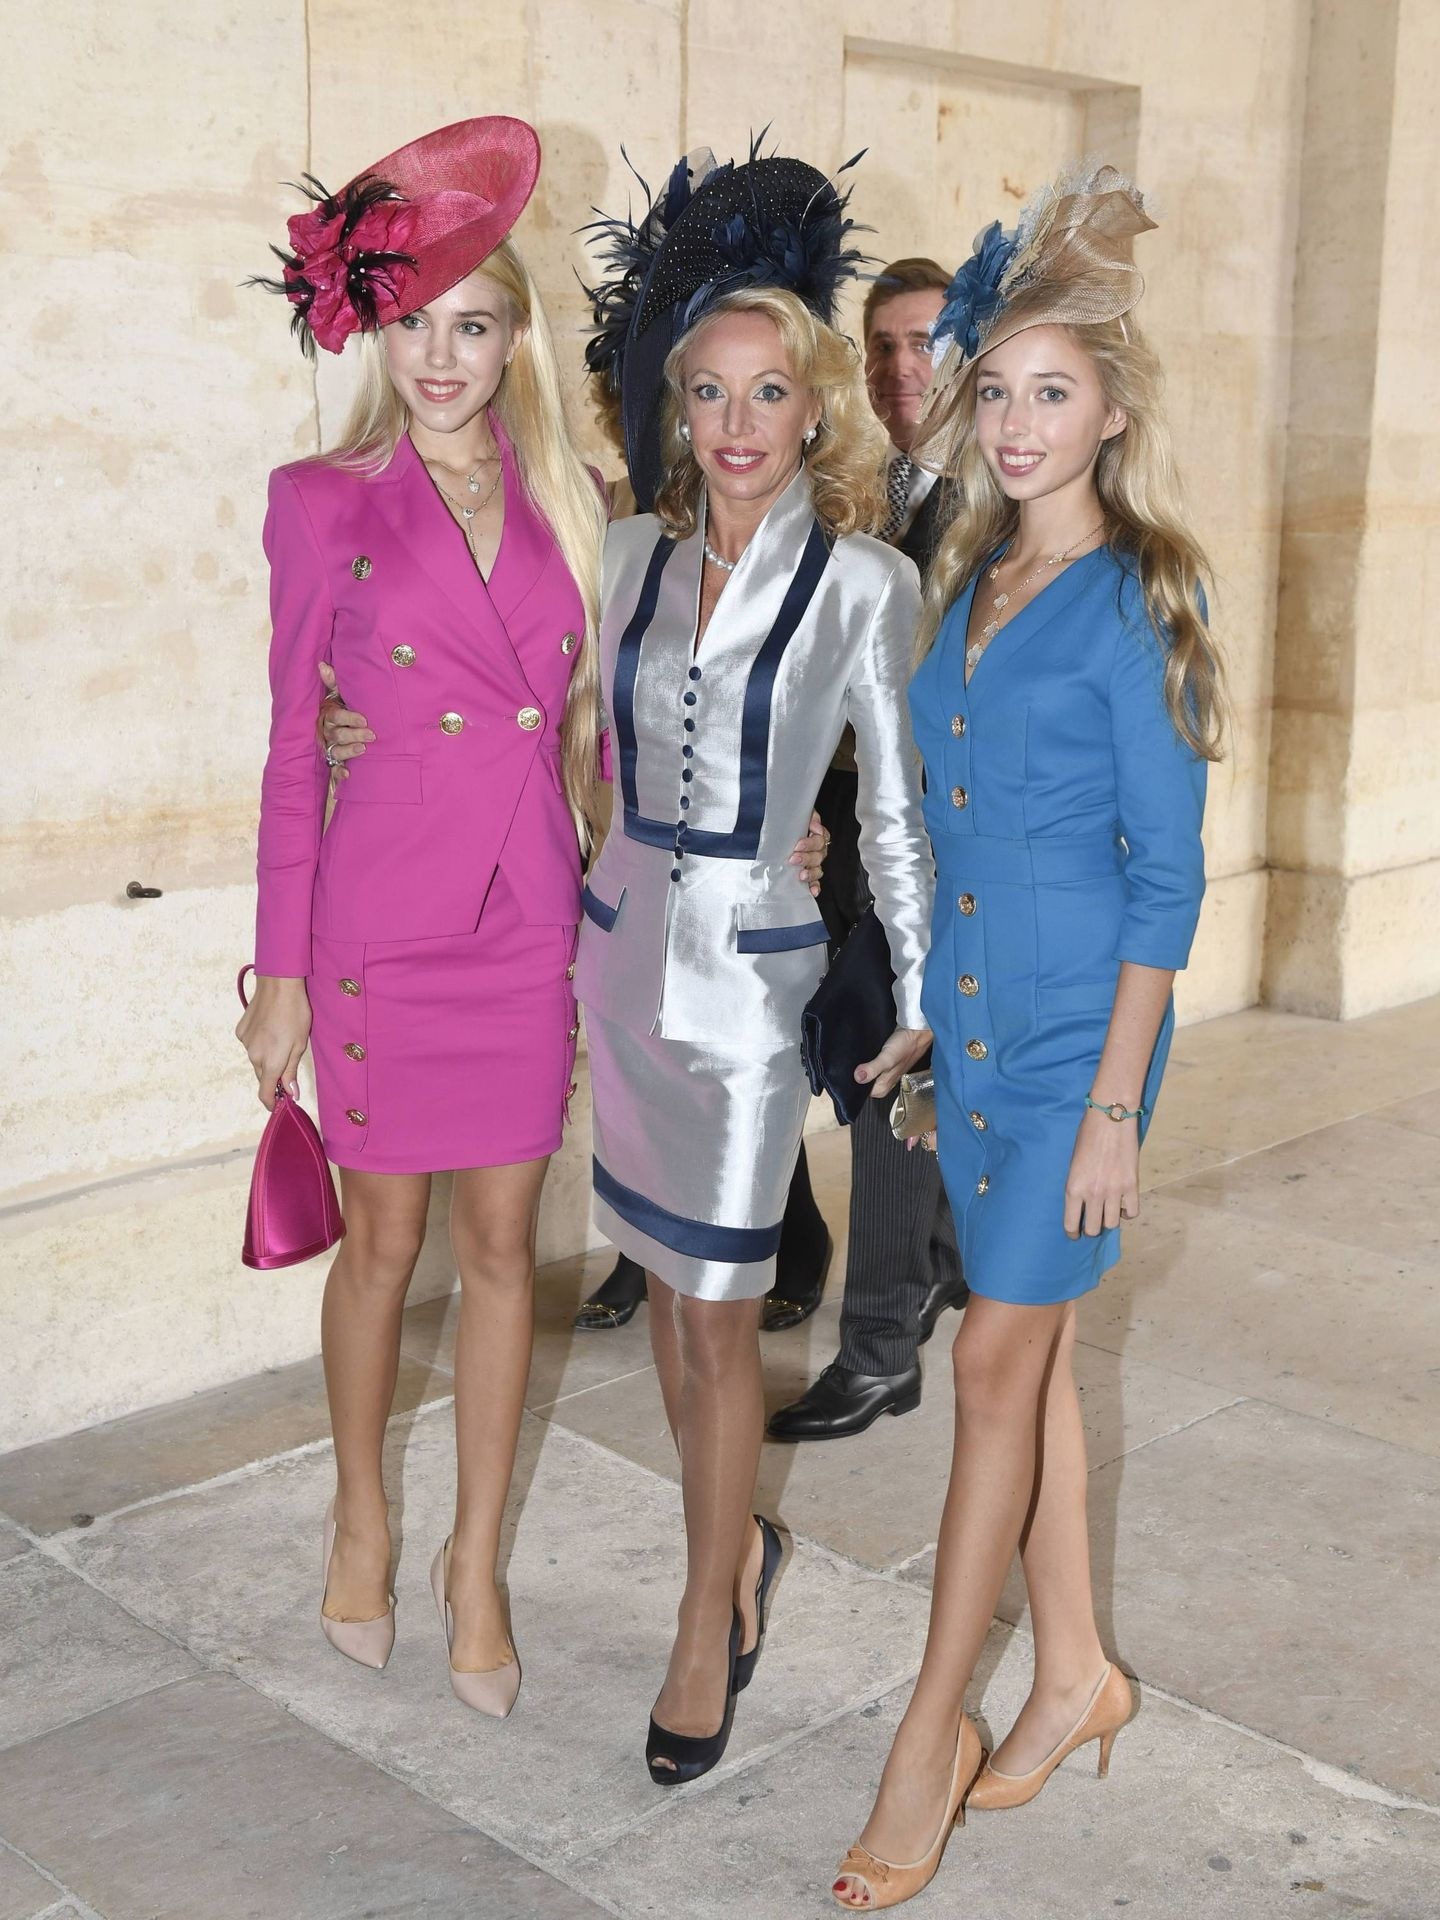 Chiara de Borbón-Dos Sicilias (a la derecha) con su madre y su hermana, hace unos días en París. (Cordon Press)